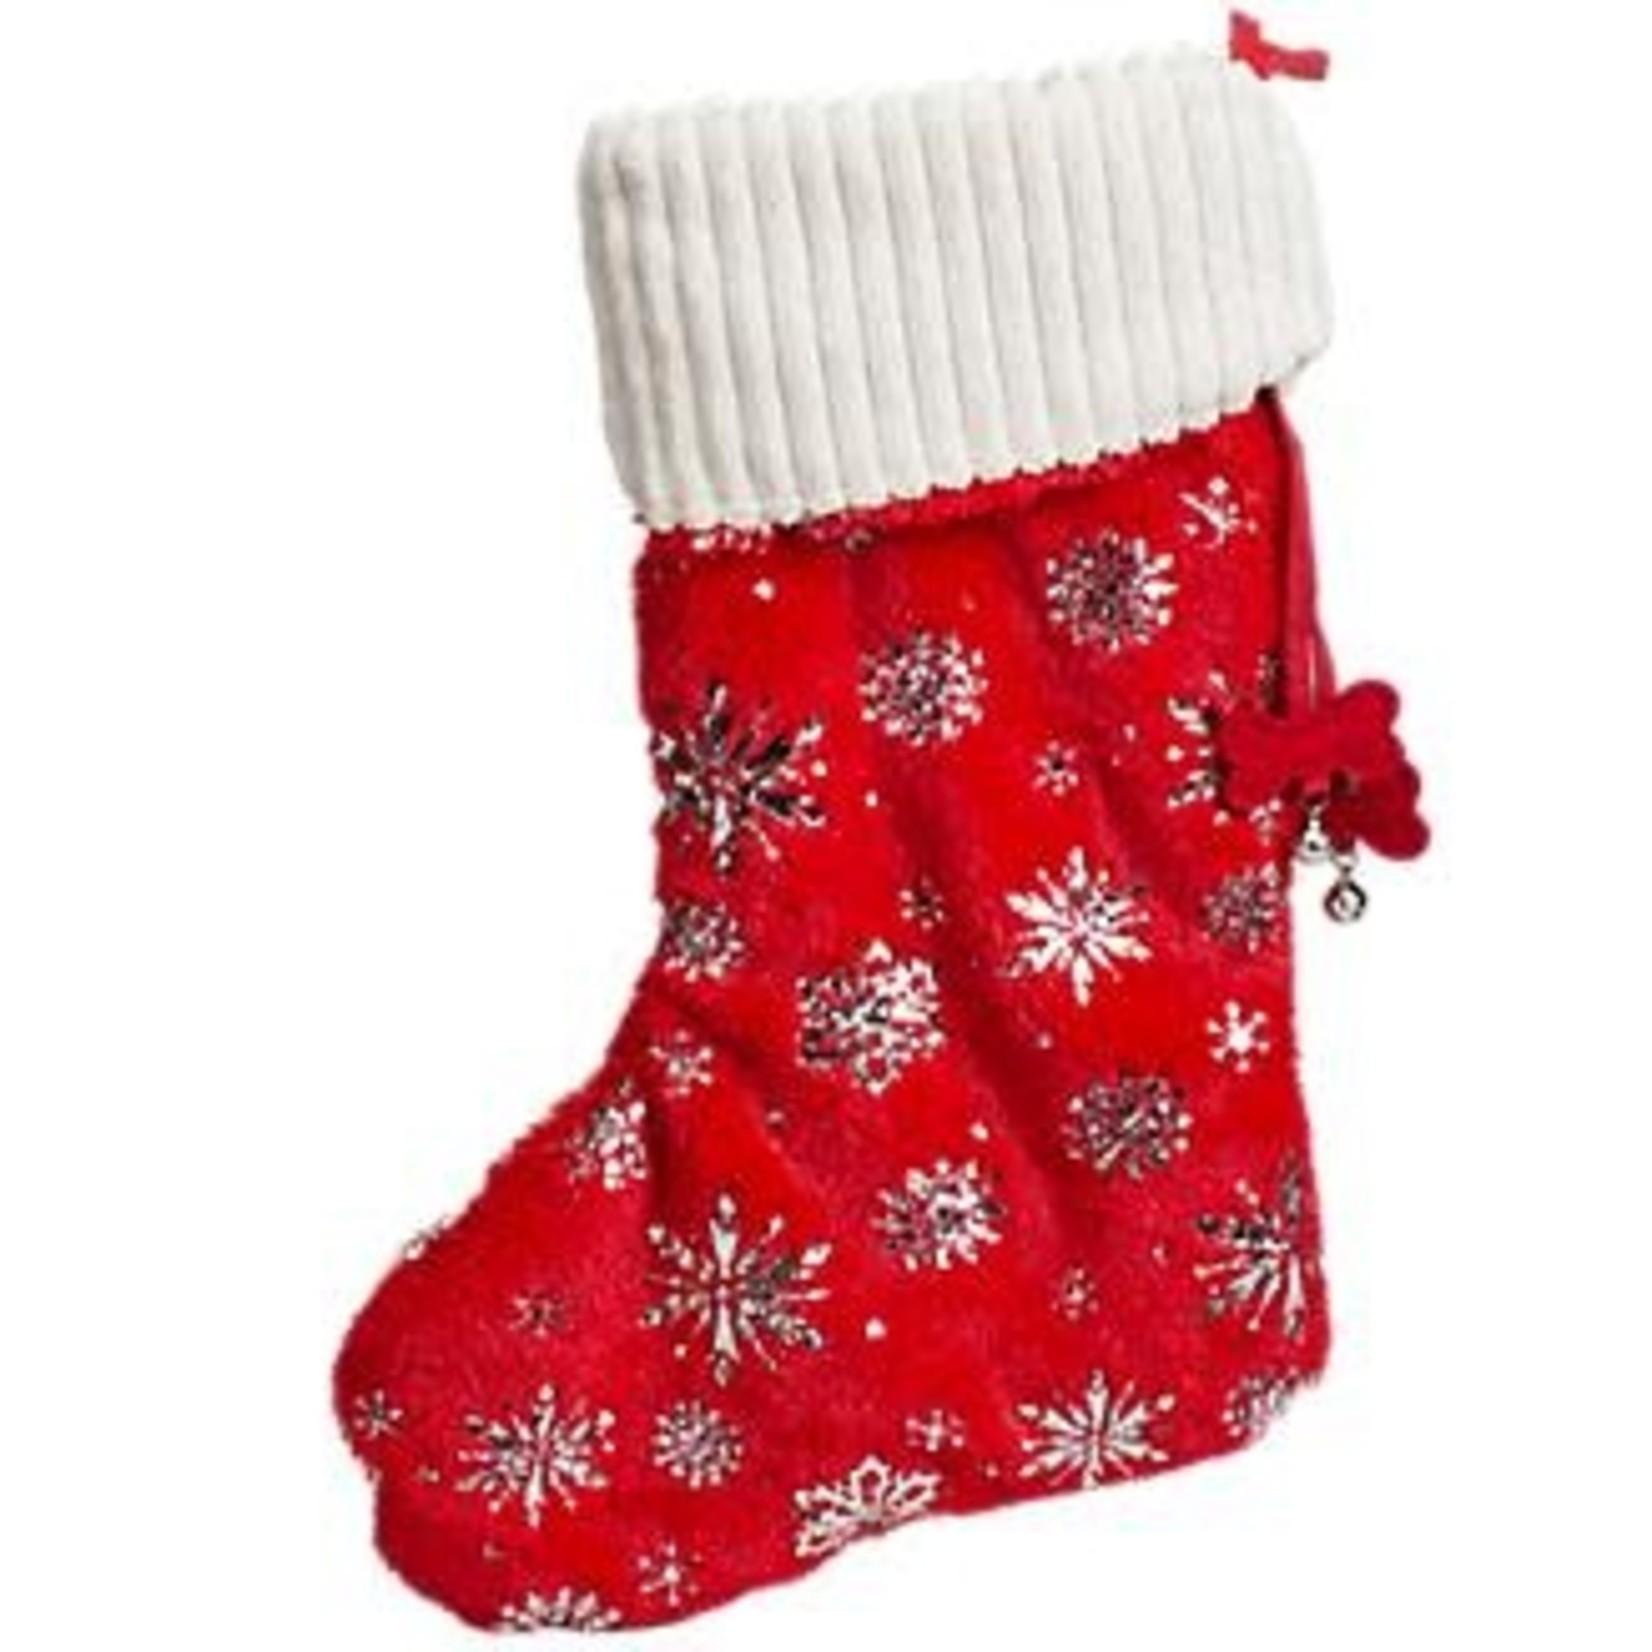 Huggle Hounds HuggleHounds Dog Christmas Glitz Stocking